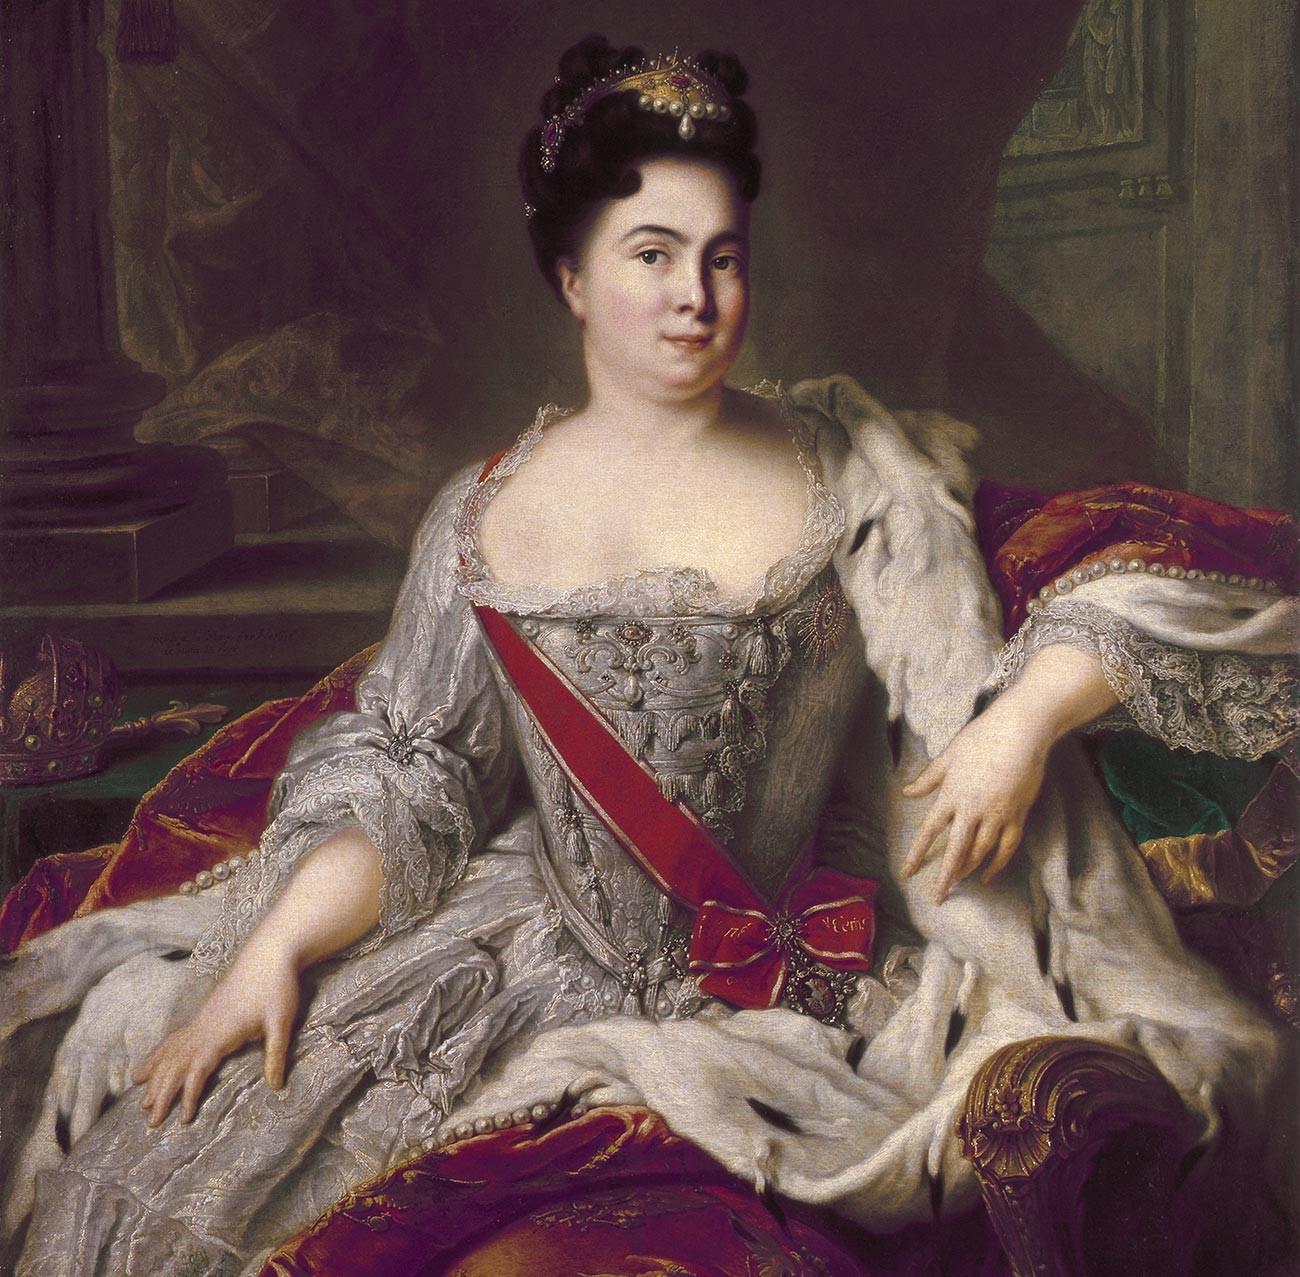 Портрет на Екатерина I